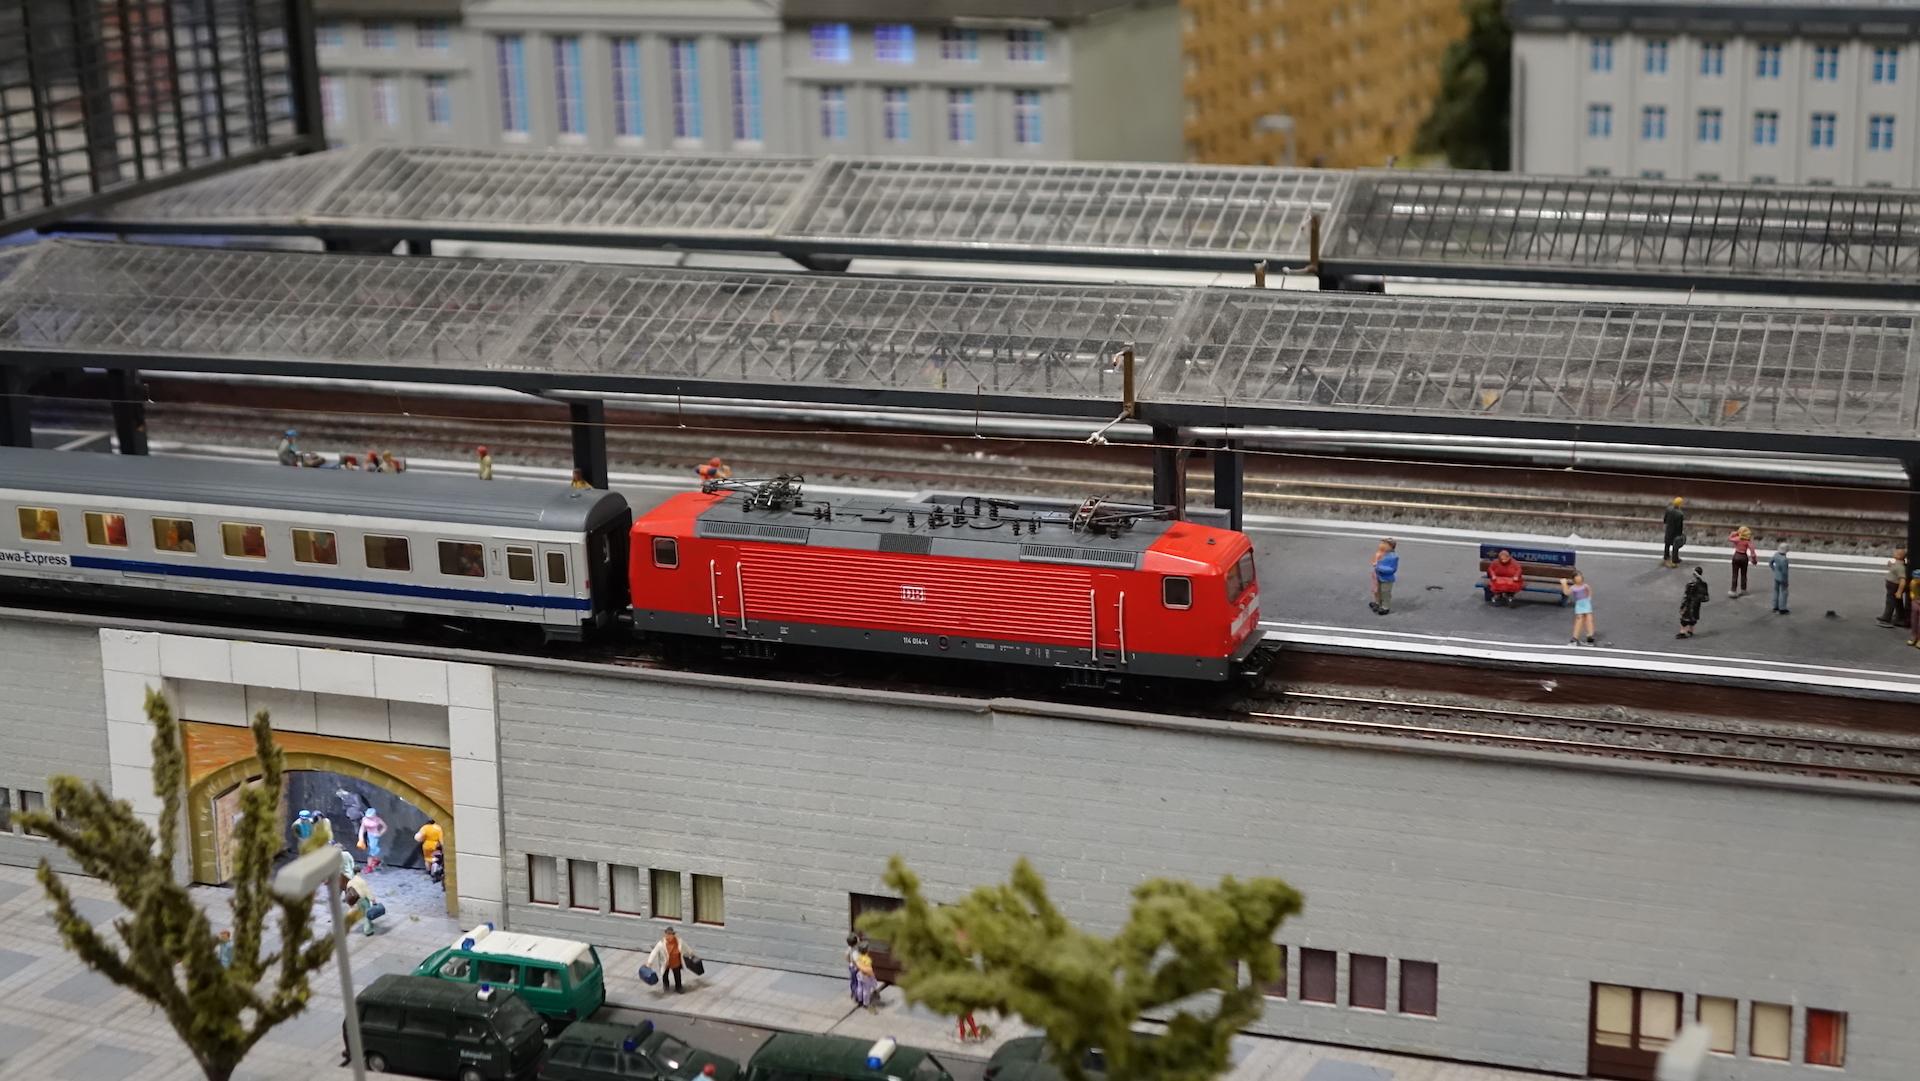 17_04_30_Miniaturwelten-Loox-Berlin_039